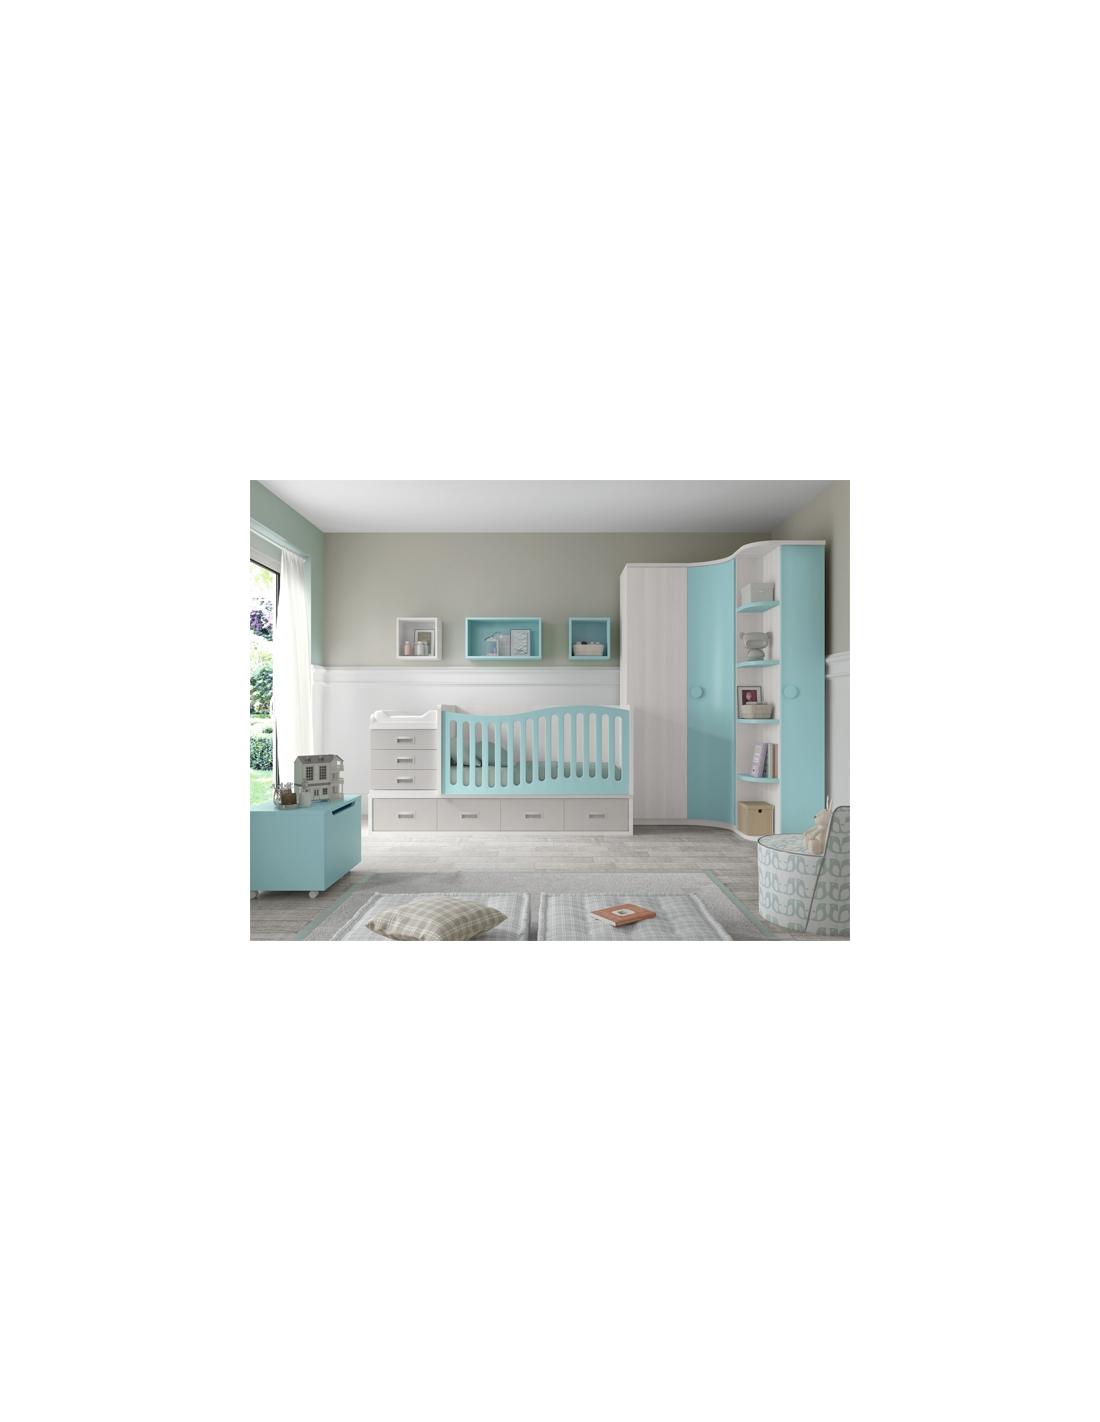 Comprar composici n habitaci n bebe con cuna convertible - Iluminacion habitacion bebe ...